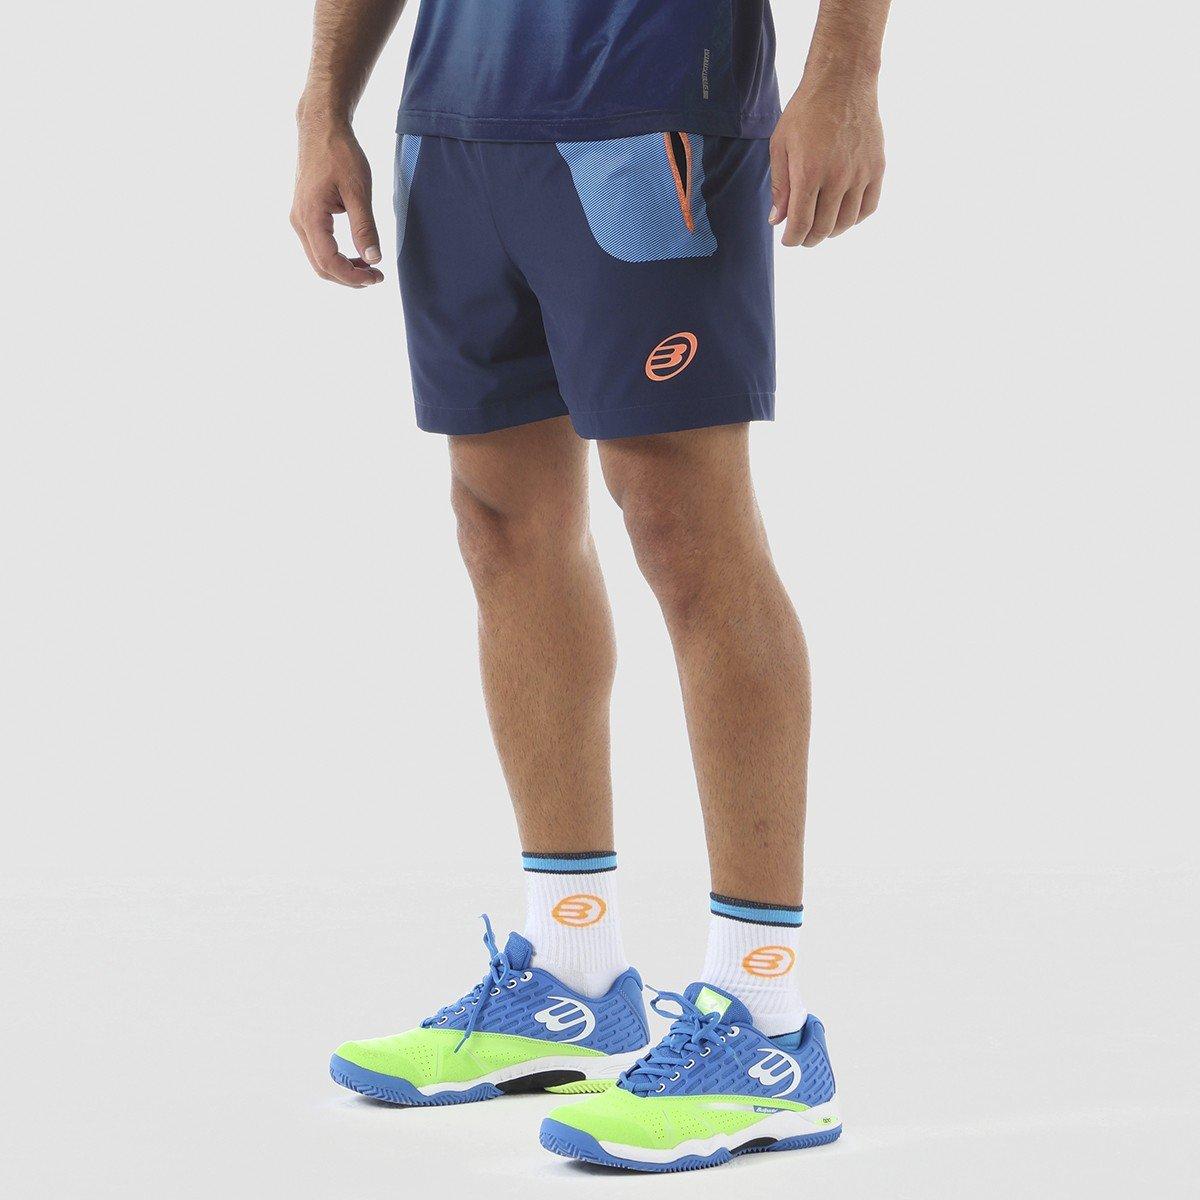 Short padel hombre Terrasi (S): Amazon.es: Deportes y aire libre